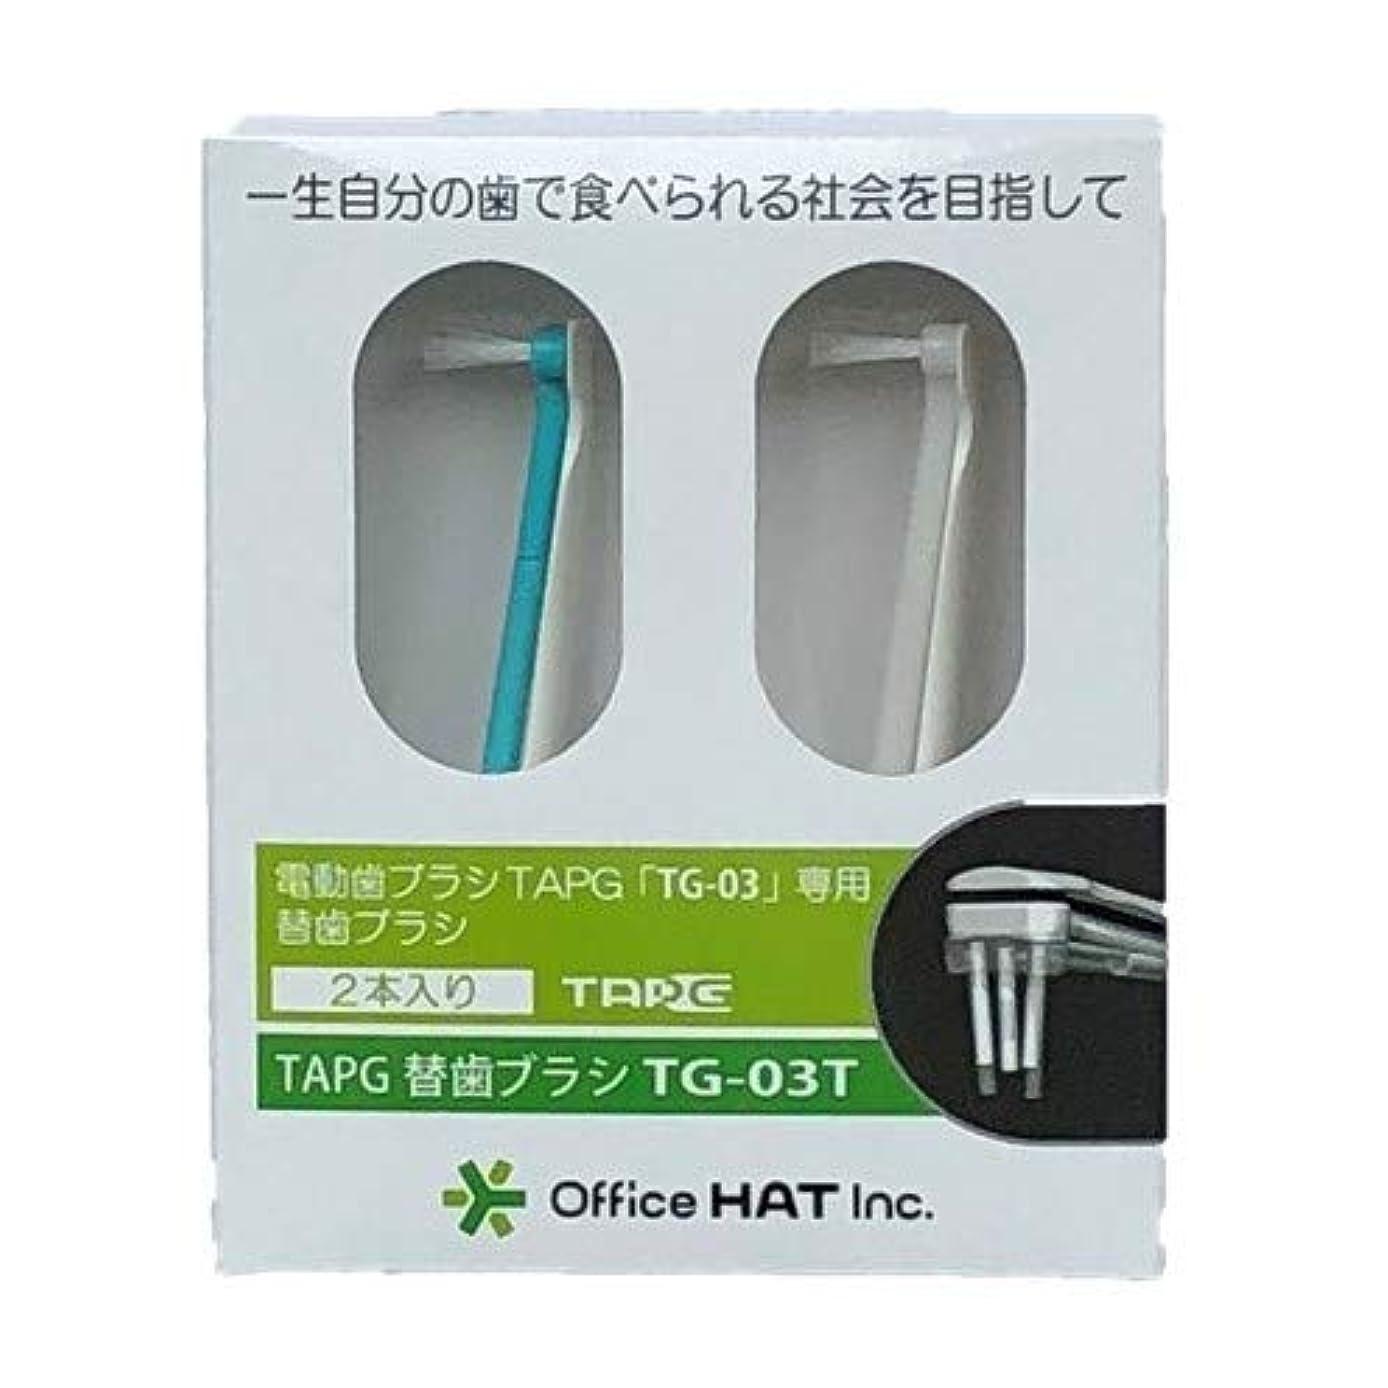 TAPG専用替え歯ブラシ (長(10㎜?8㎜))